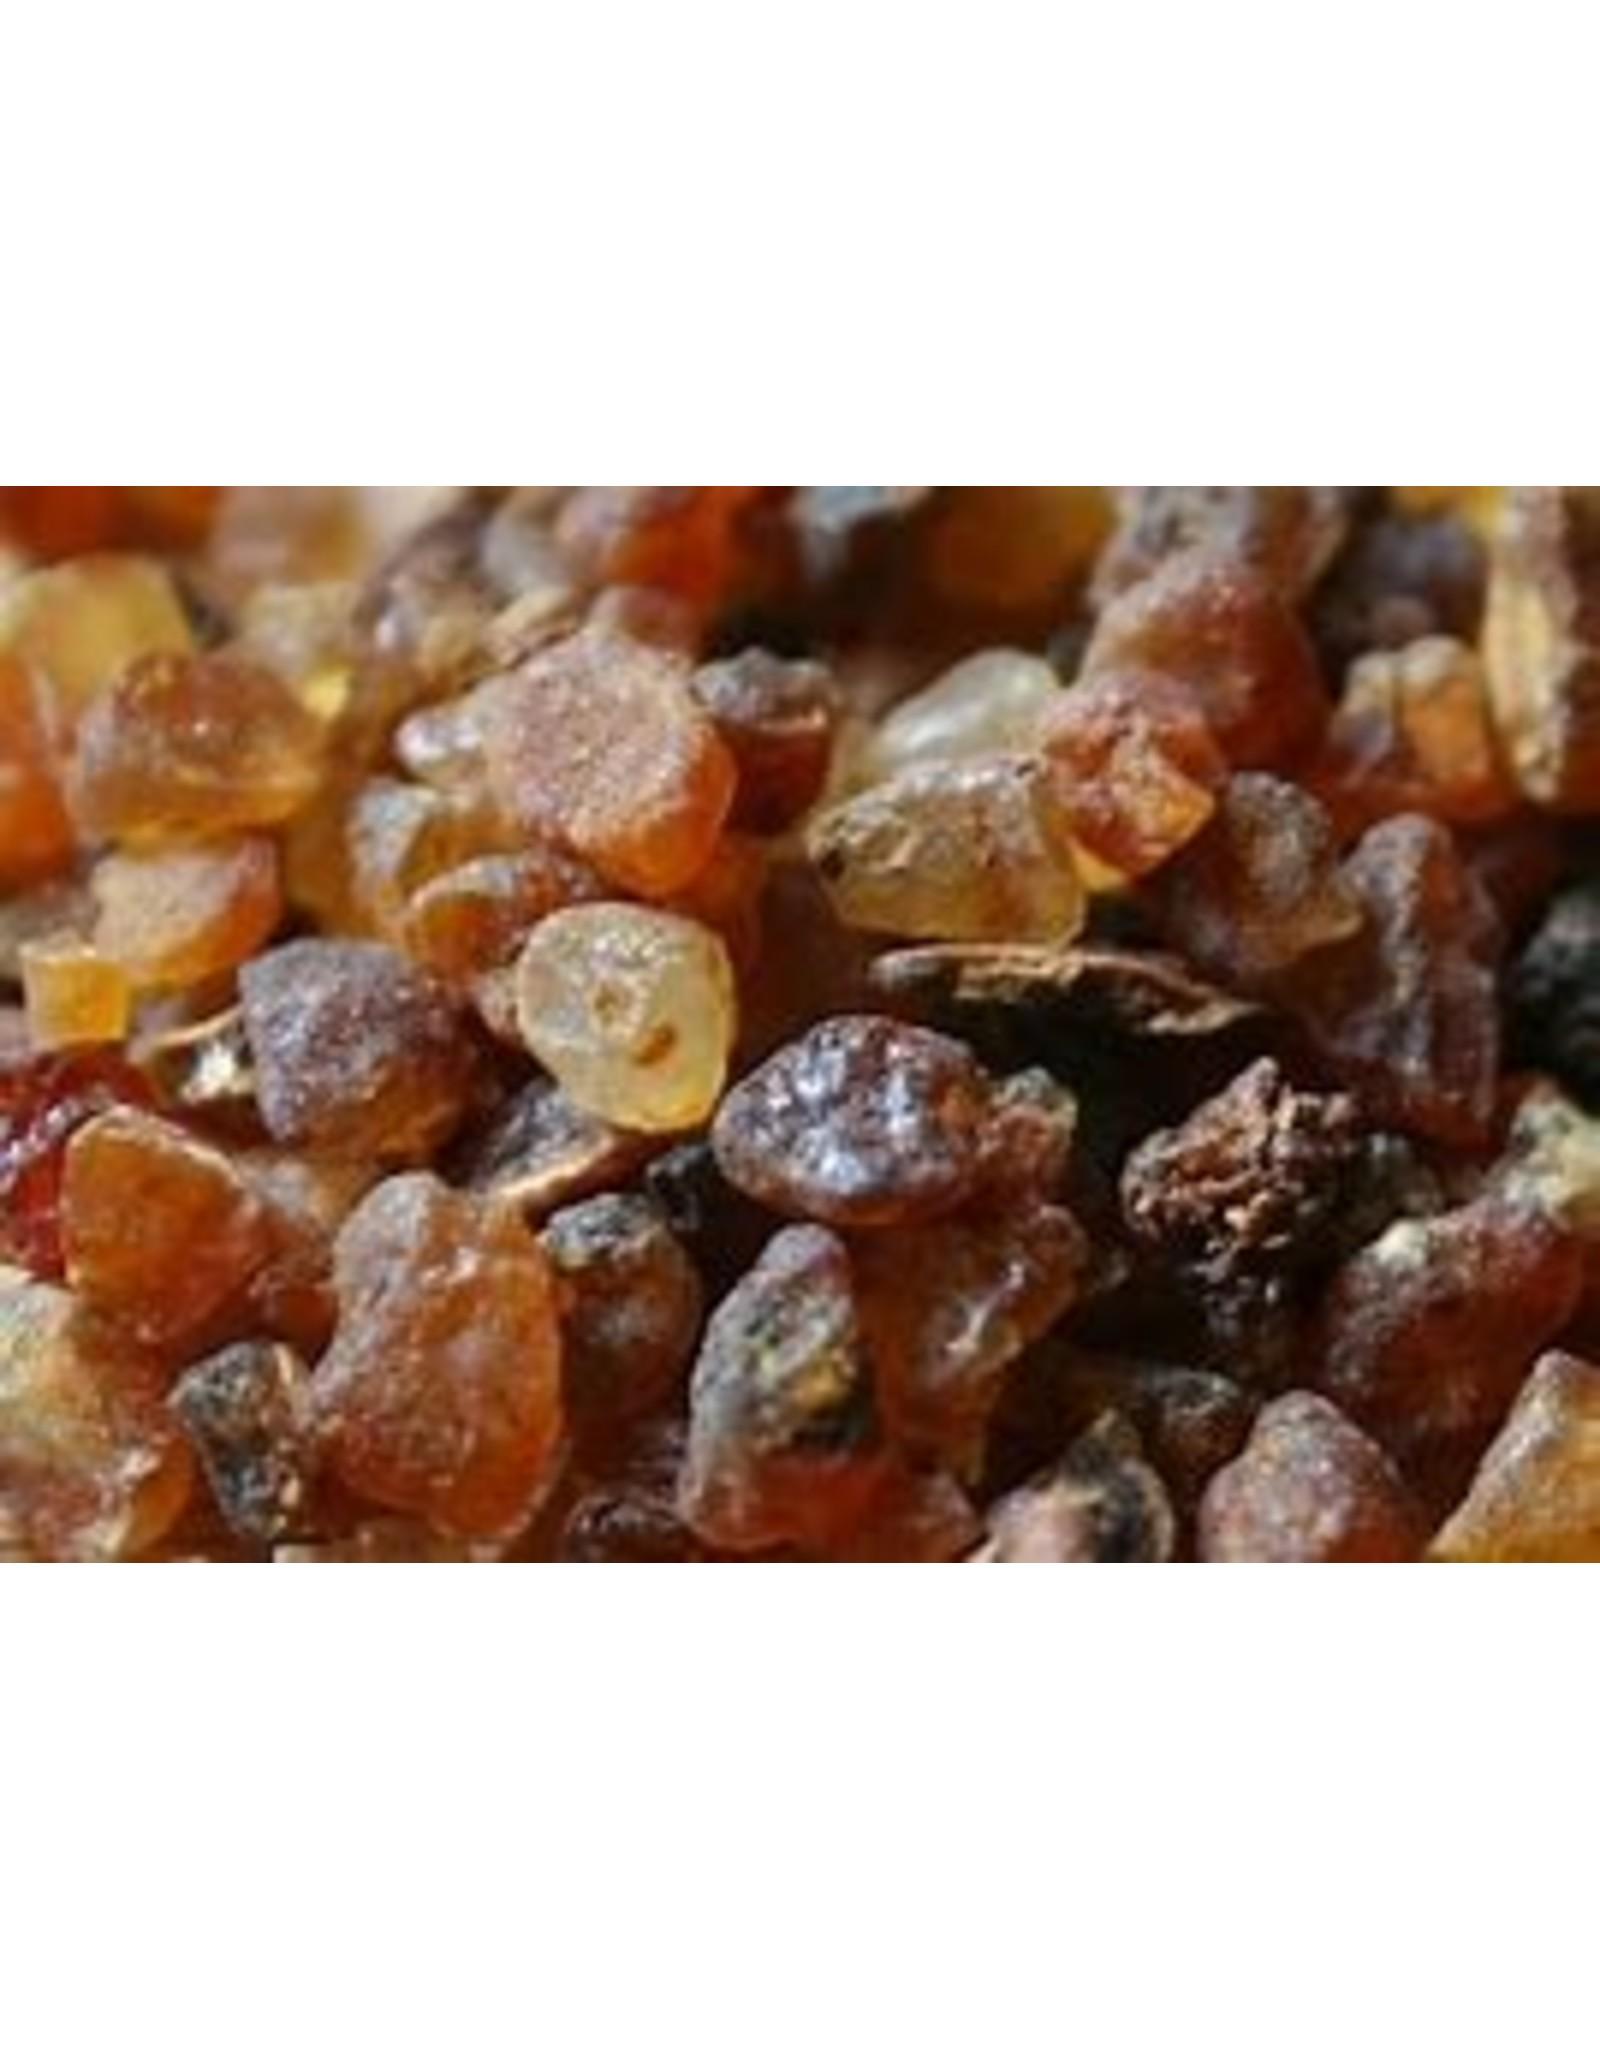 Myrrh Gum Resin 1 oz